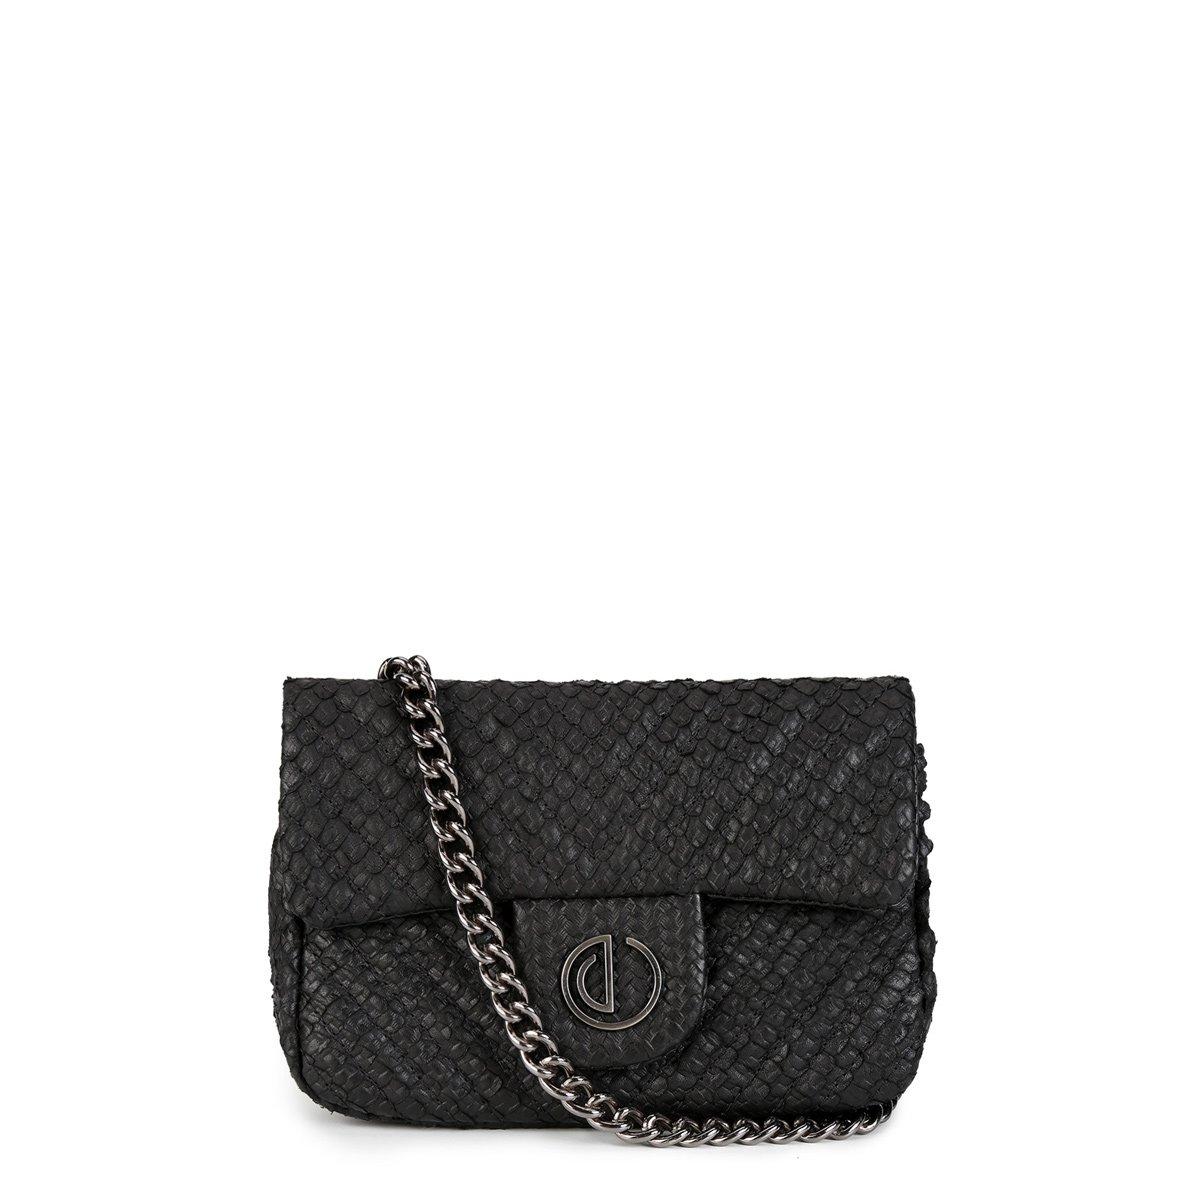 Bolsa Couro Dumond Mini Bag Serpente Caseina Feminina - Compre Agora ... 895a893d95c